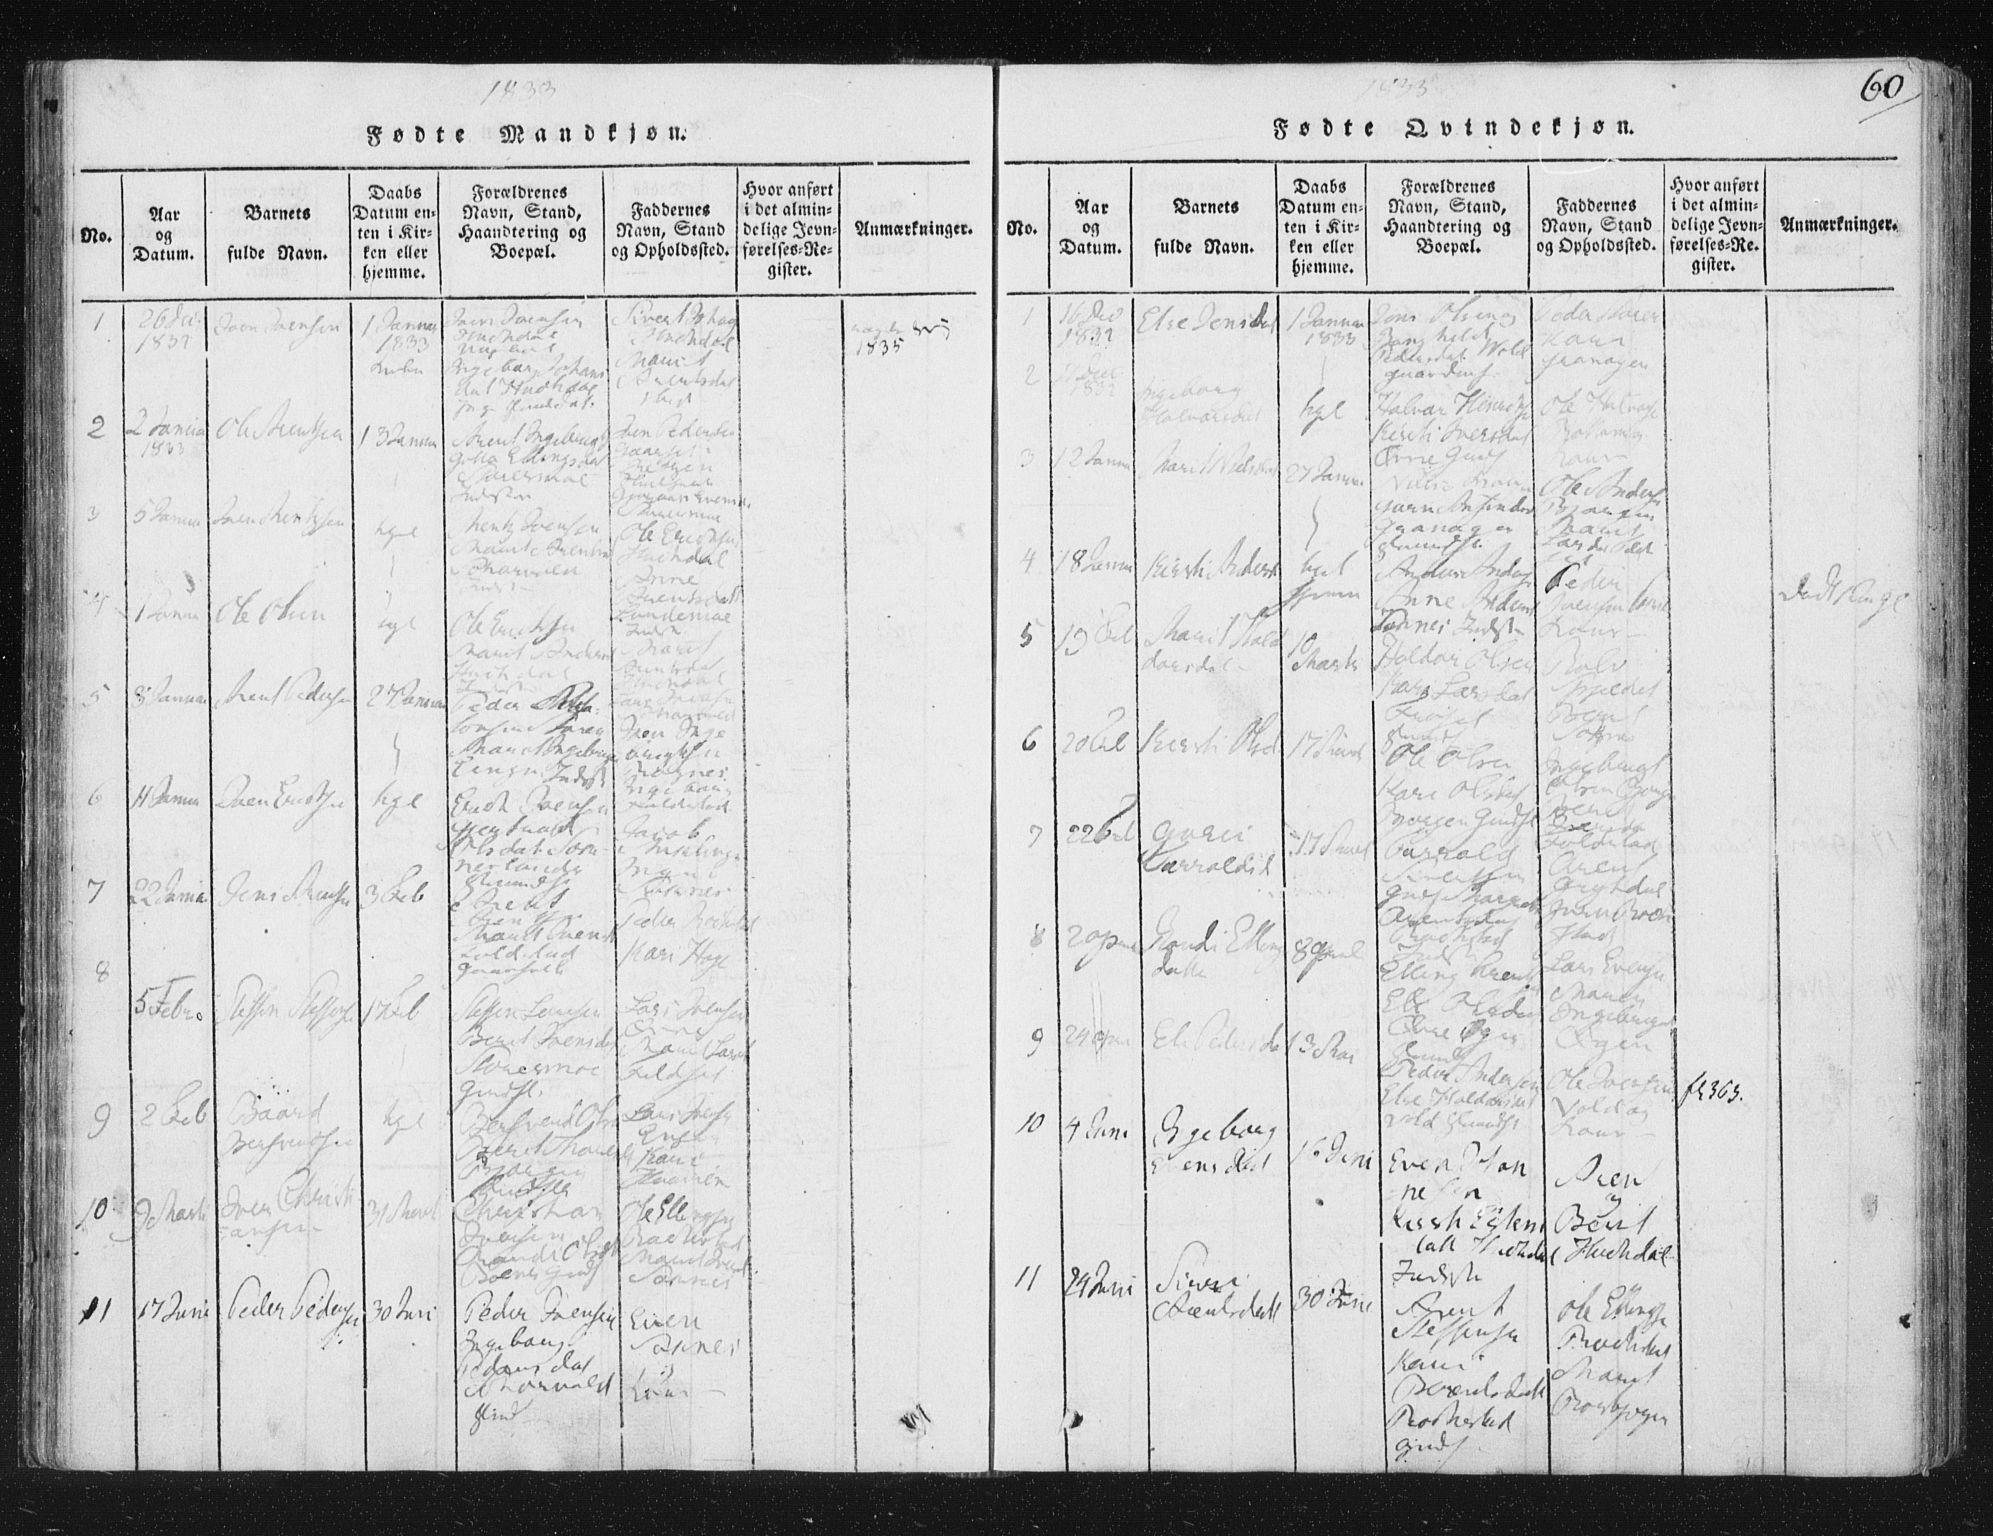 SAT, Ministerialprotokoller, klokkerbøker og fødselsregistre - Sør-Trøndelag, 687/L0996: Ministerialbok nr. 687A04, 1816-1842, s. 60